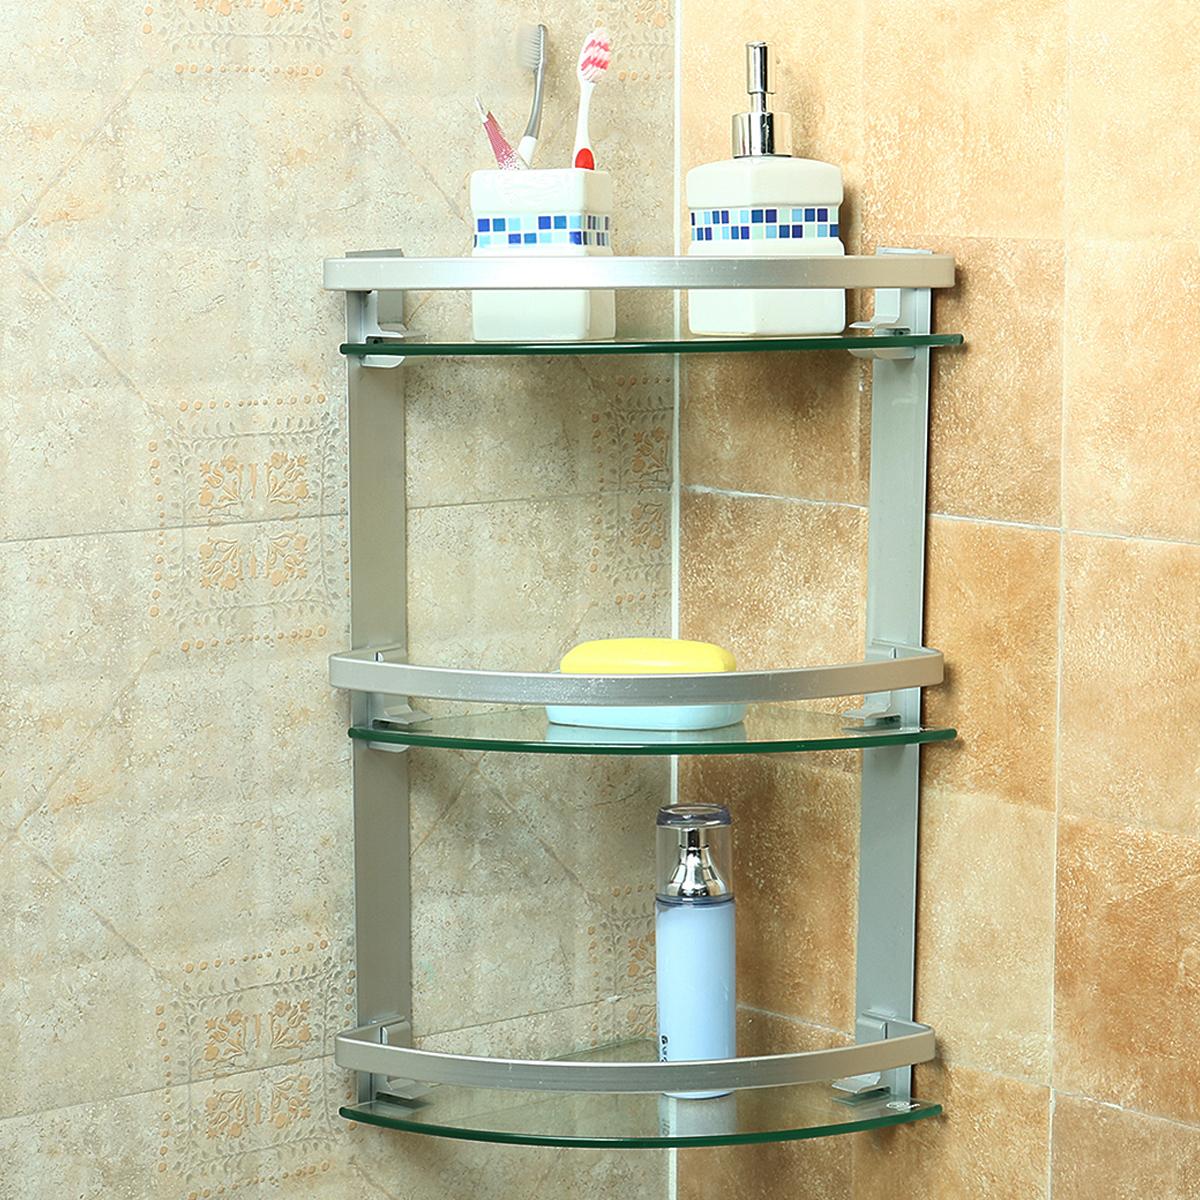 Tempsa 3 tag re d 39 angle tablette support murale douche salle de bain en verre stockage - Tablette d angle salle de bain ...